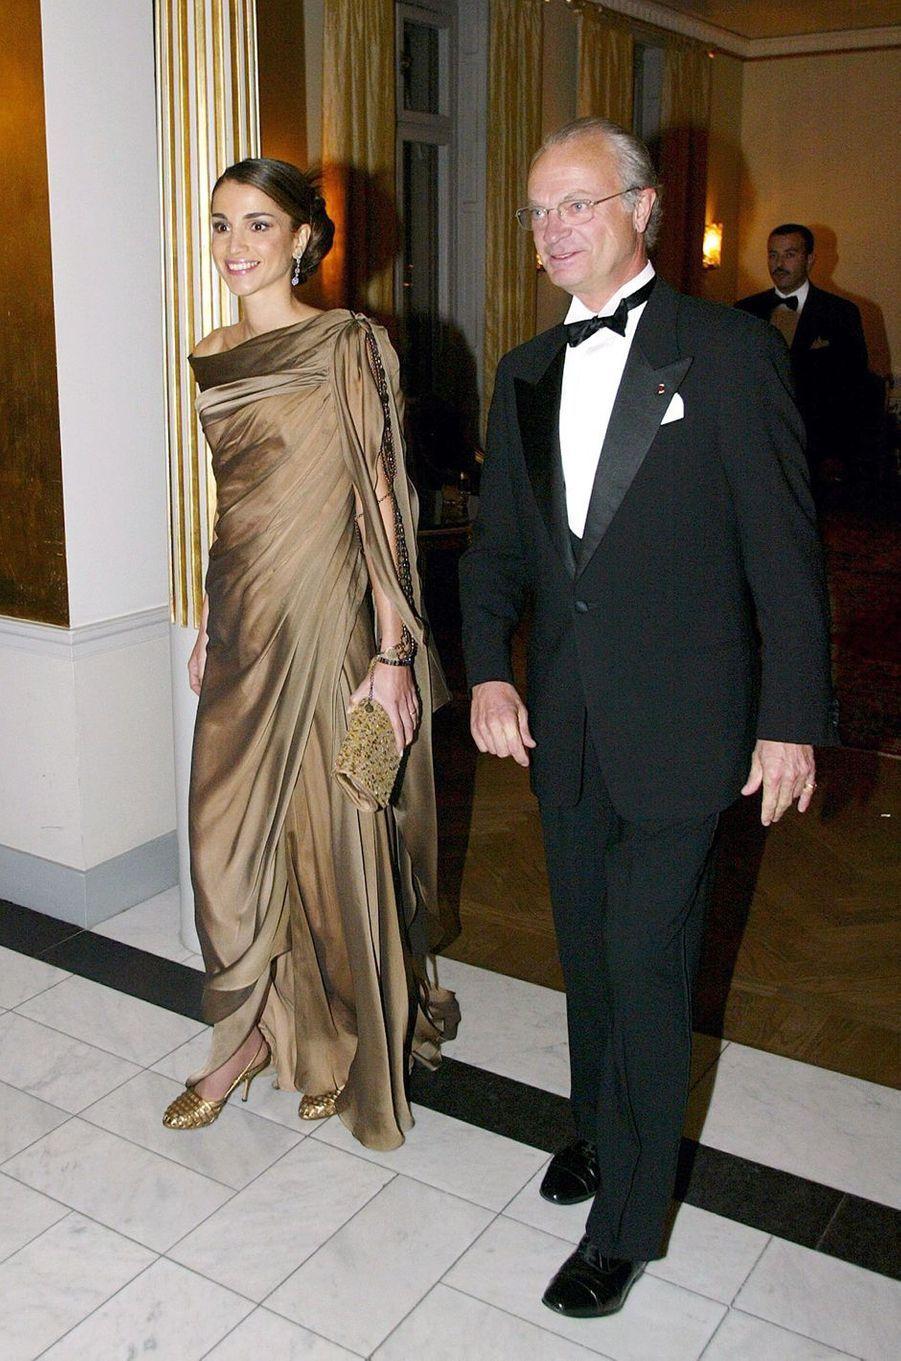 La reine Rania de Jordanie avecle roi Carl XVI Gustaf de Suède, le 8 octobre 2003